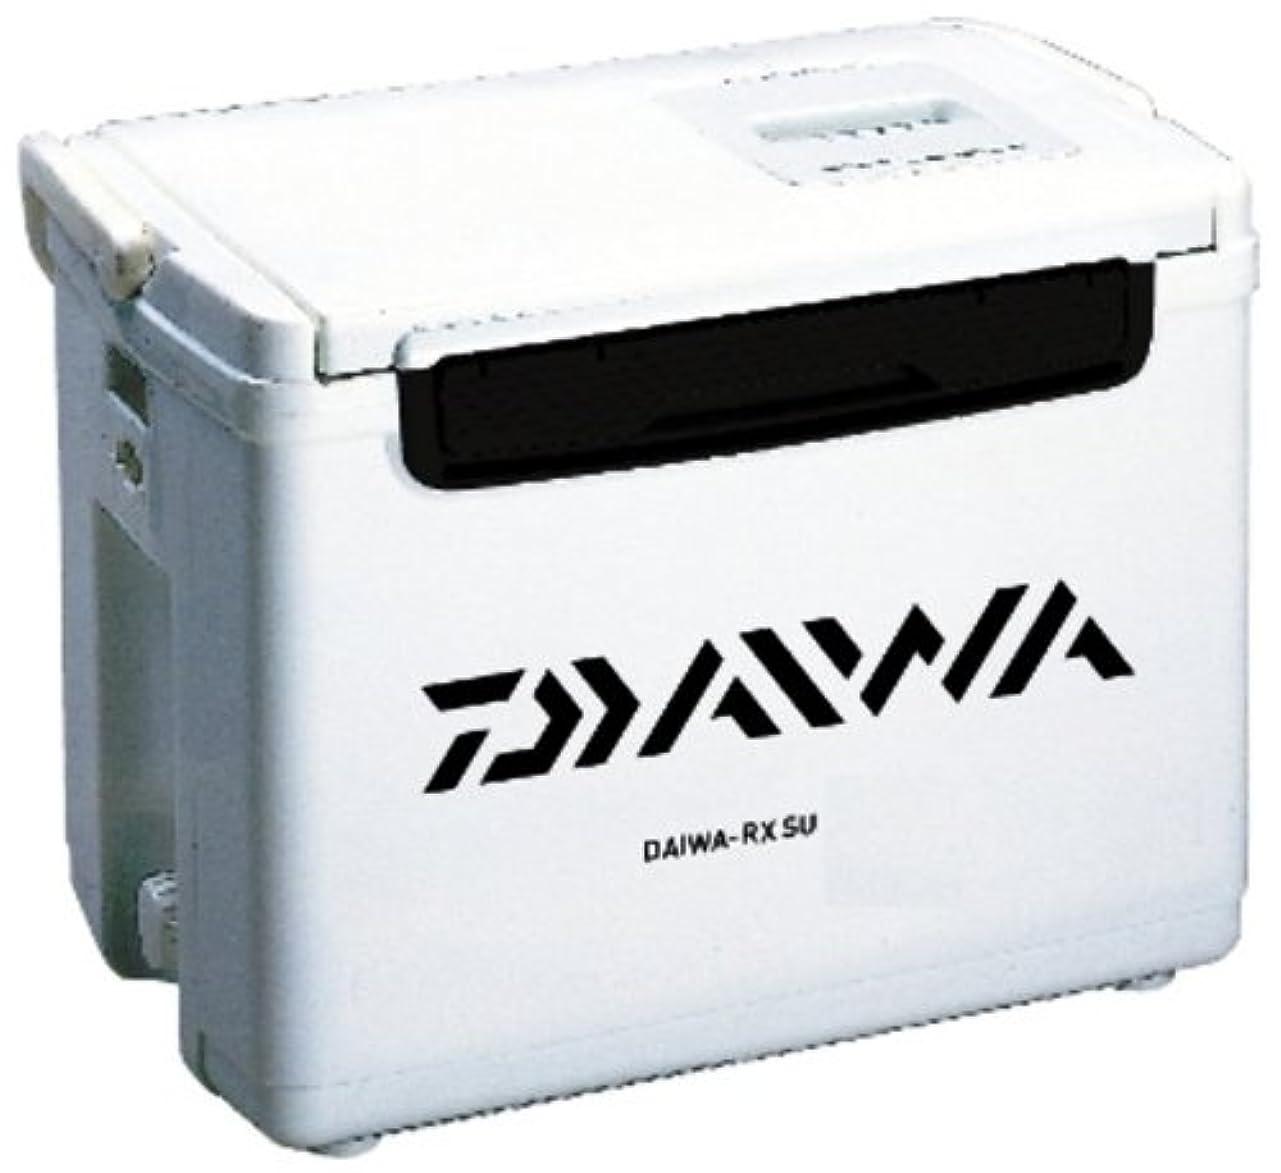 荒廃するアメリカ有限ダイワ(Daiwa) クーラーボックス 釣り RX SU X 2600X